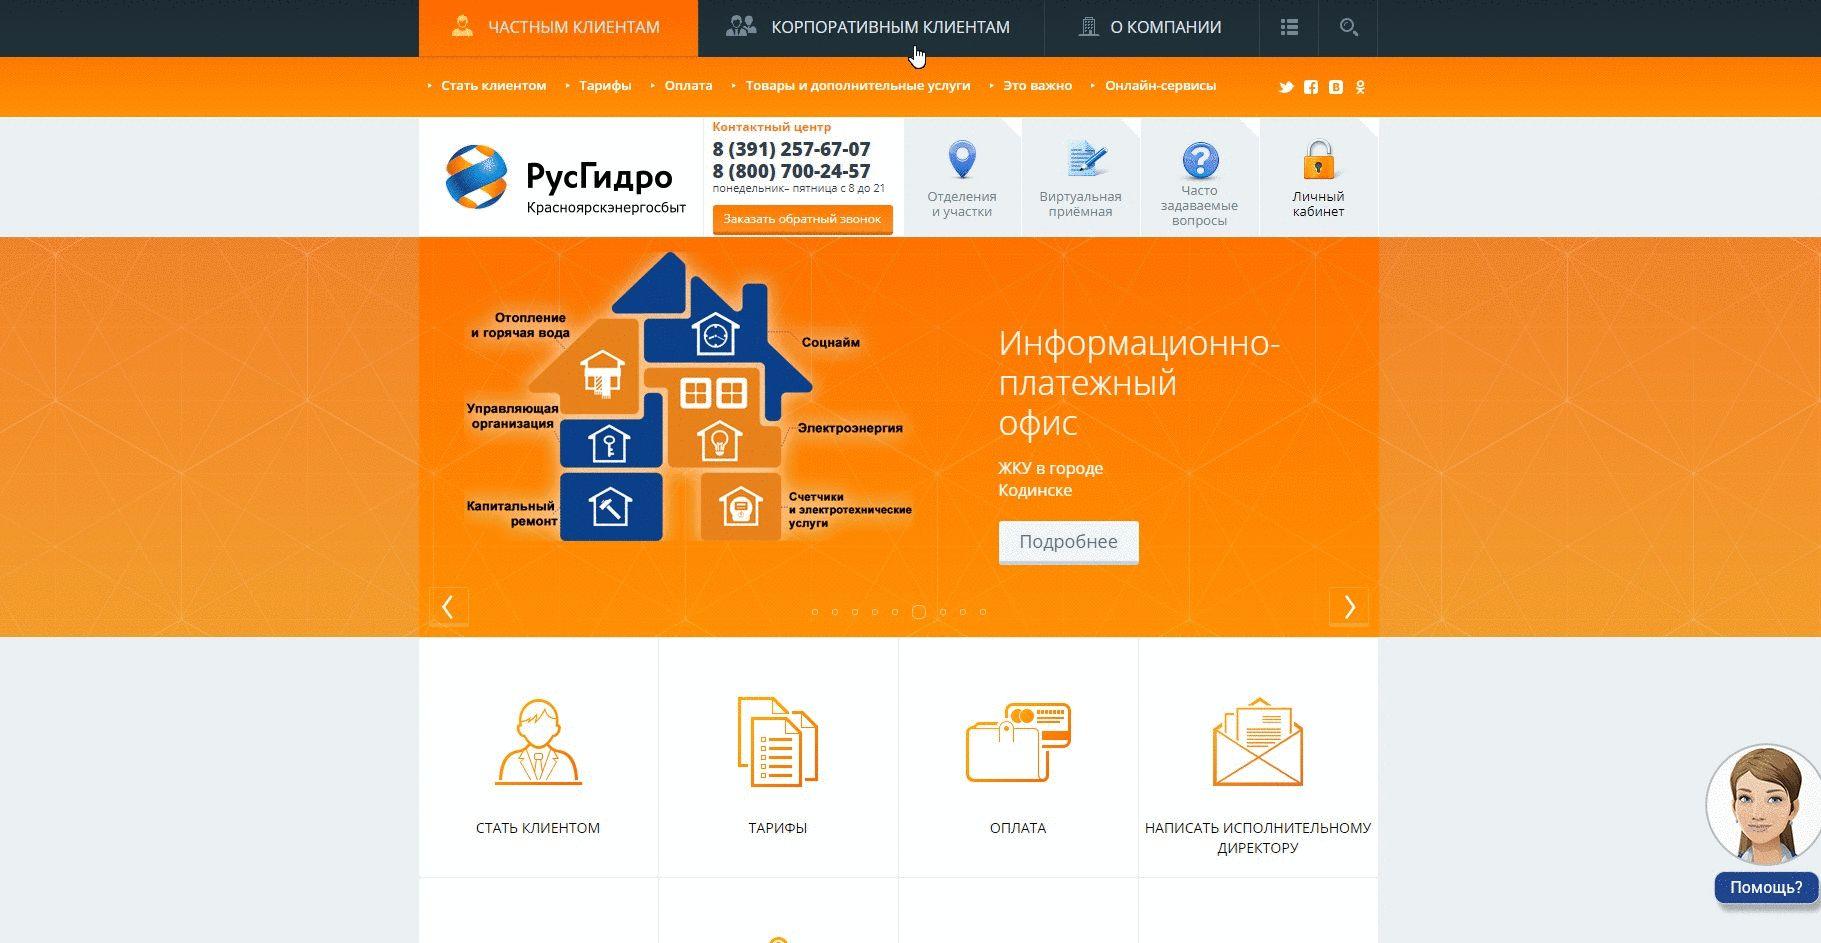 """ПАО """"Красноярскэнергосбыт"""" личный кабинет Регистрация"""